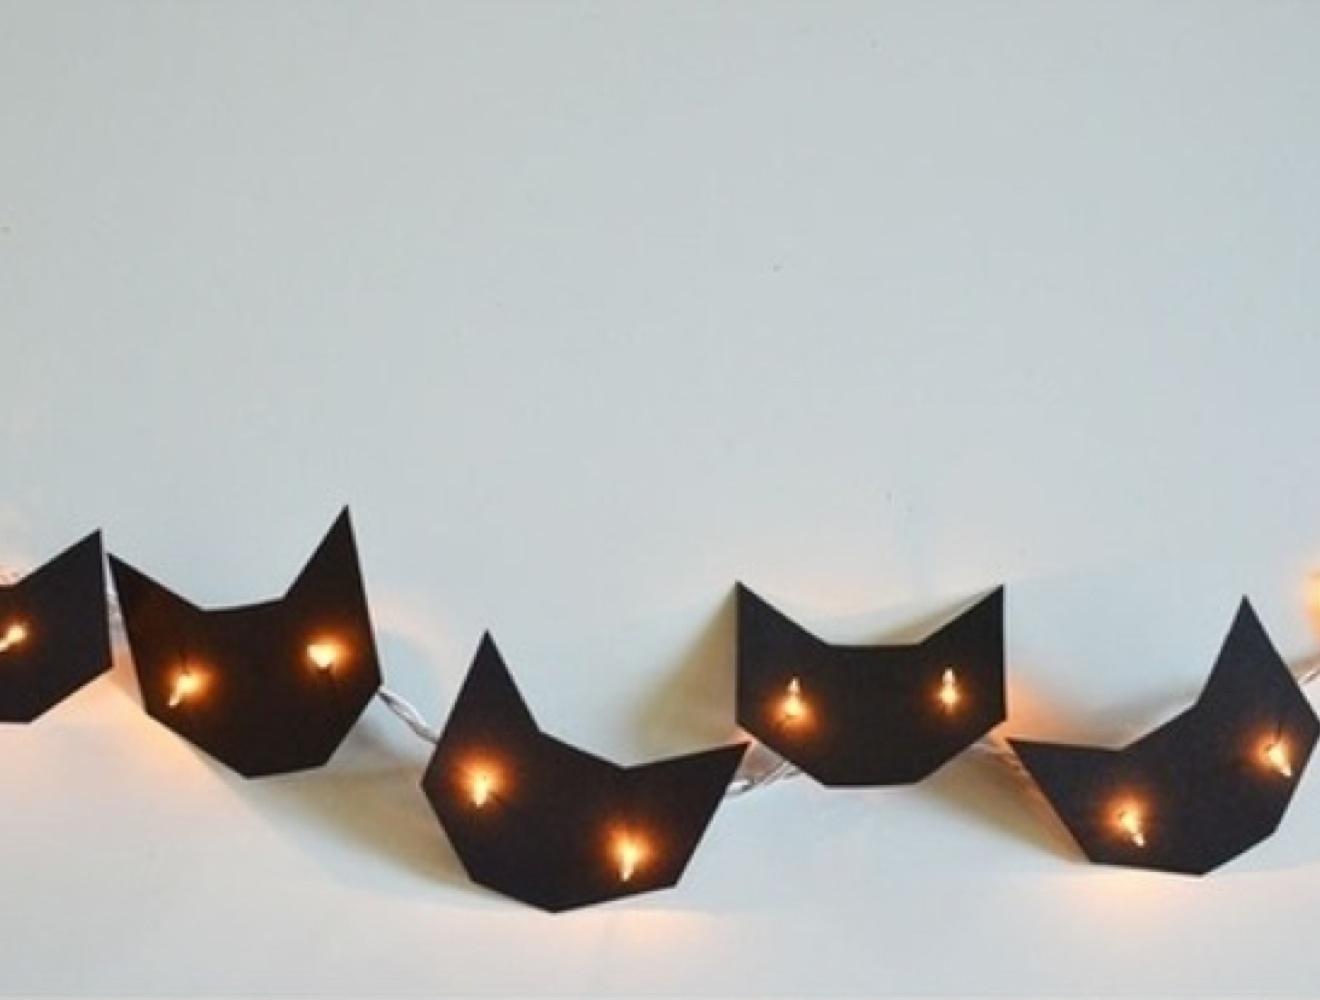 Extrem DIY : Créez une guirlande lumineuse en forme de chat - Yummypets FT53